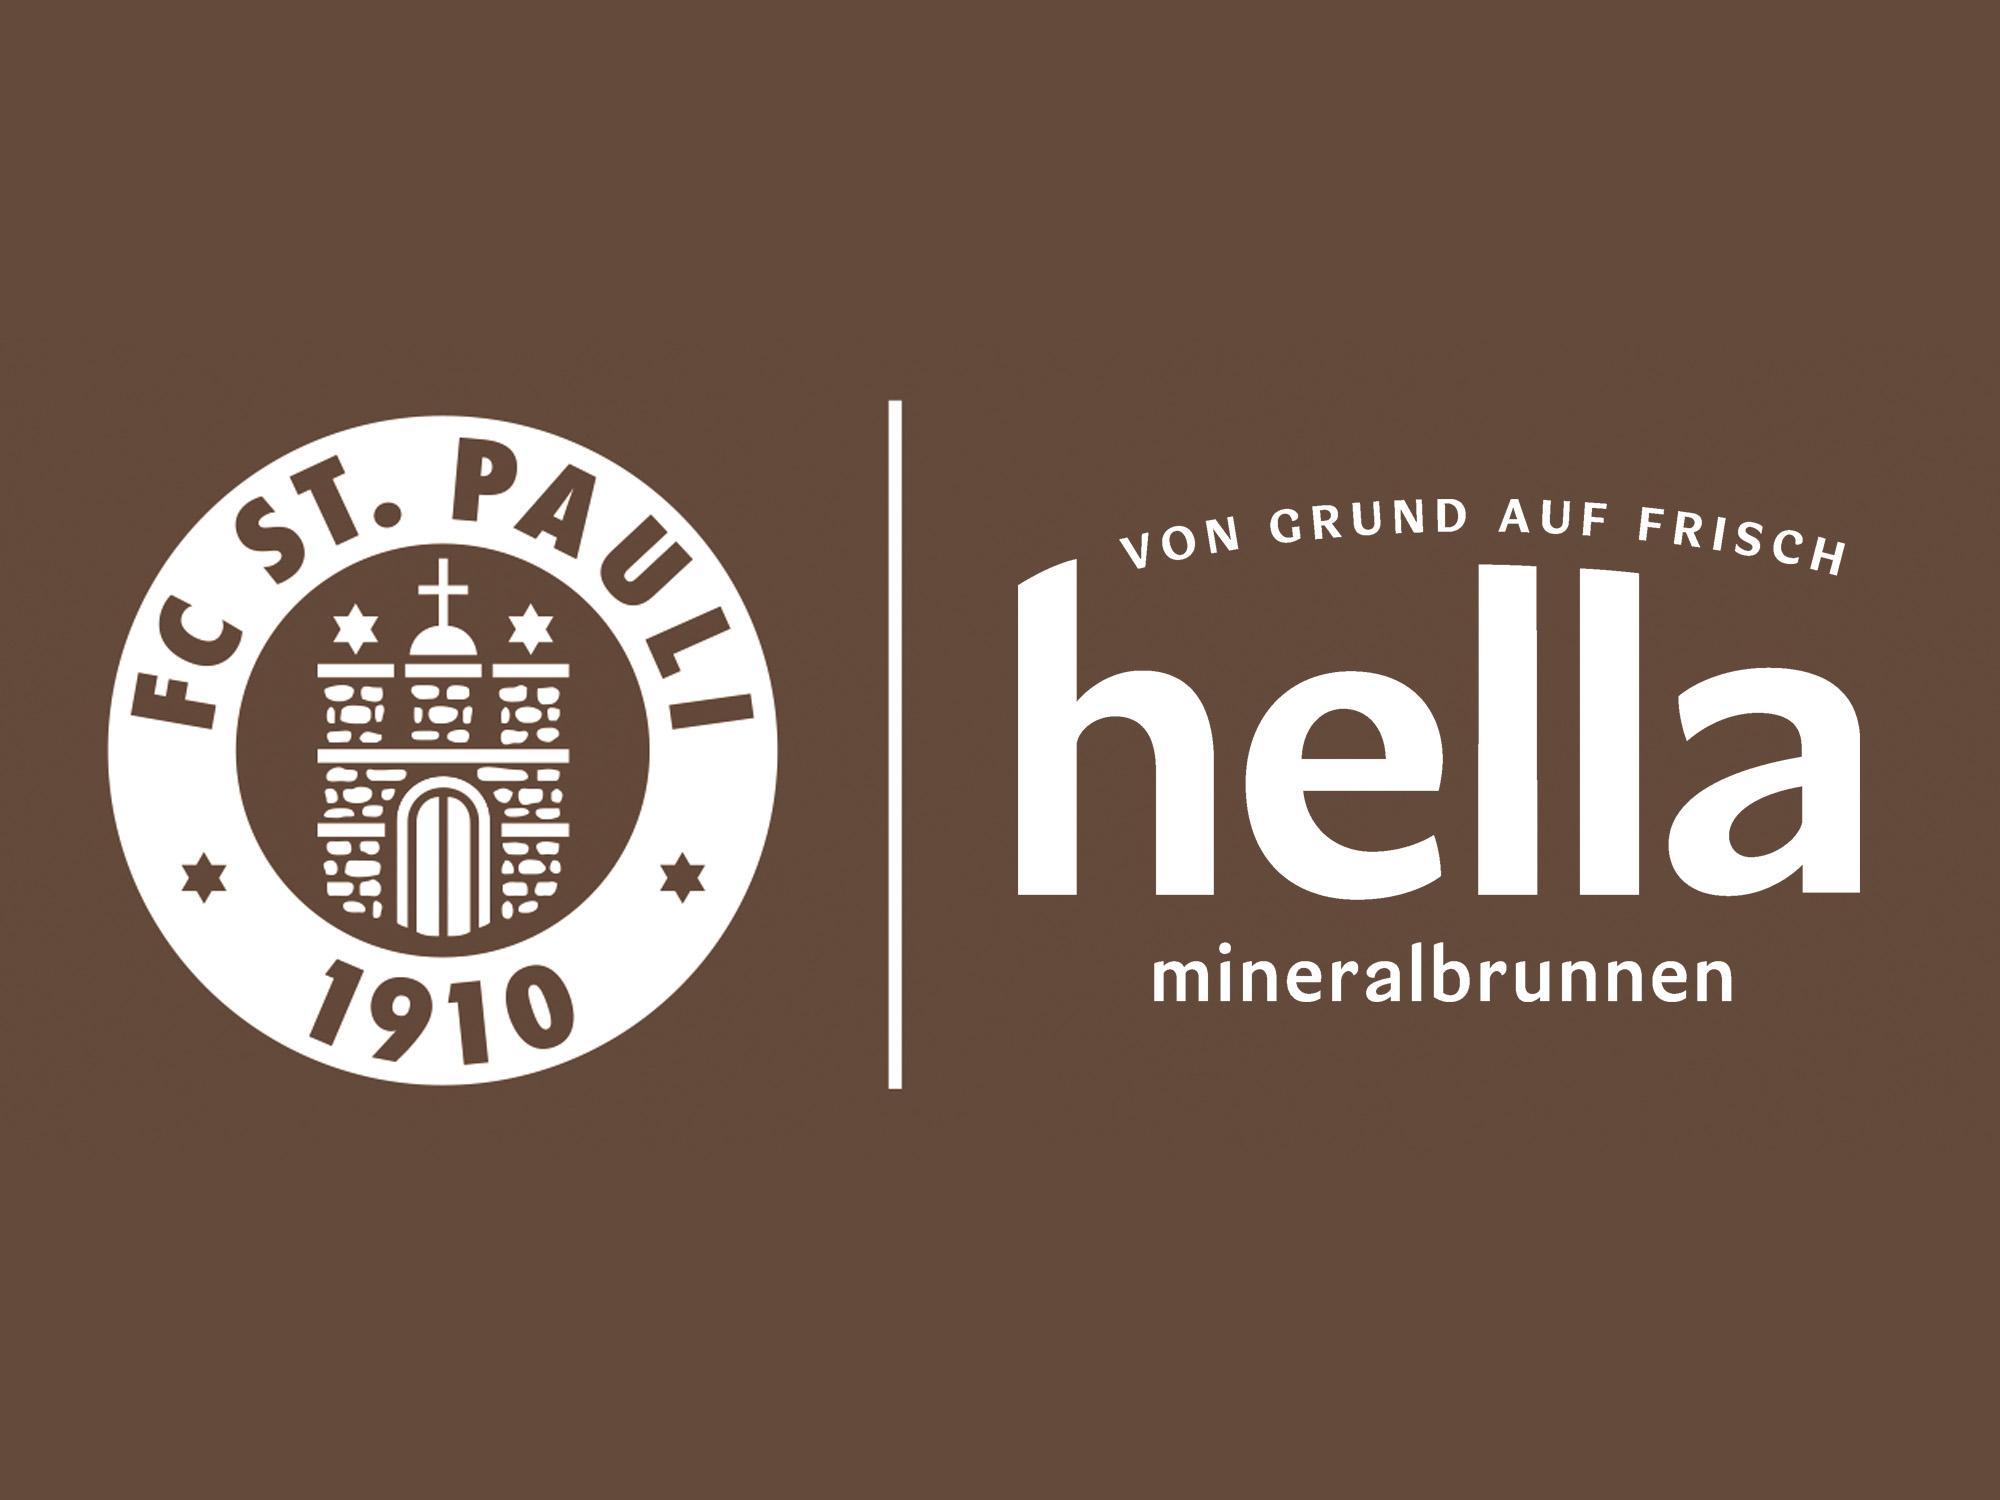 FC St. Pauli verlängert die Partnerschaft mit hella Mineralbrunnen bis 2021